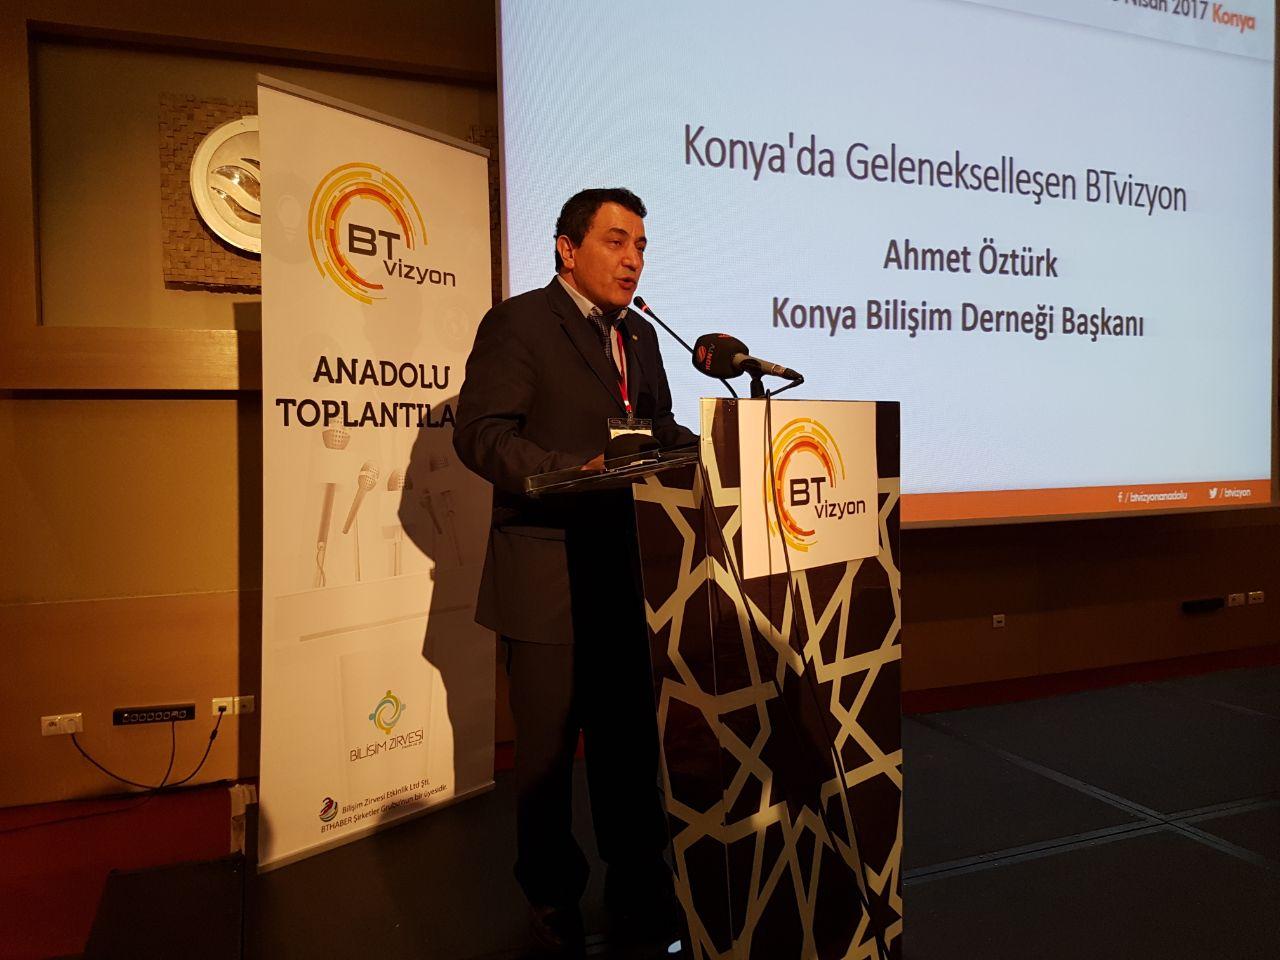 Konya'da 'BT vizyon Anadolu Yıldızı Toplantısına Yoğun ilgi!